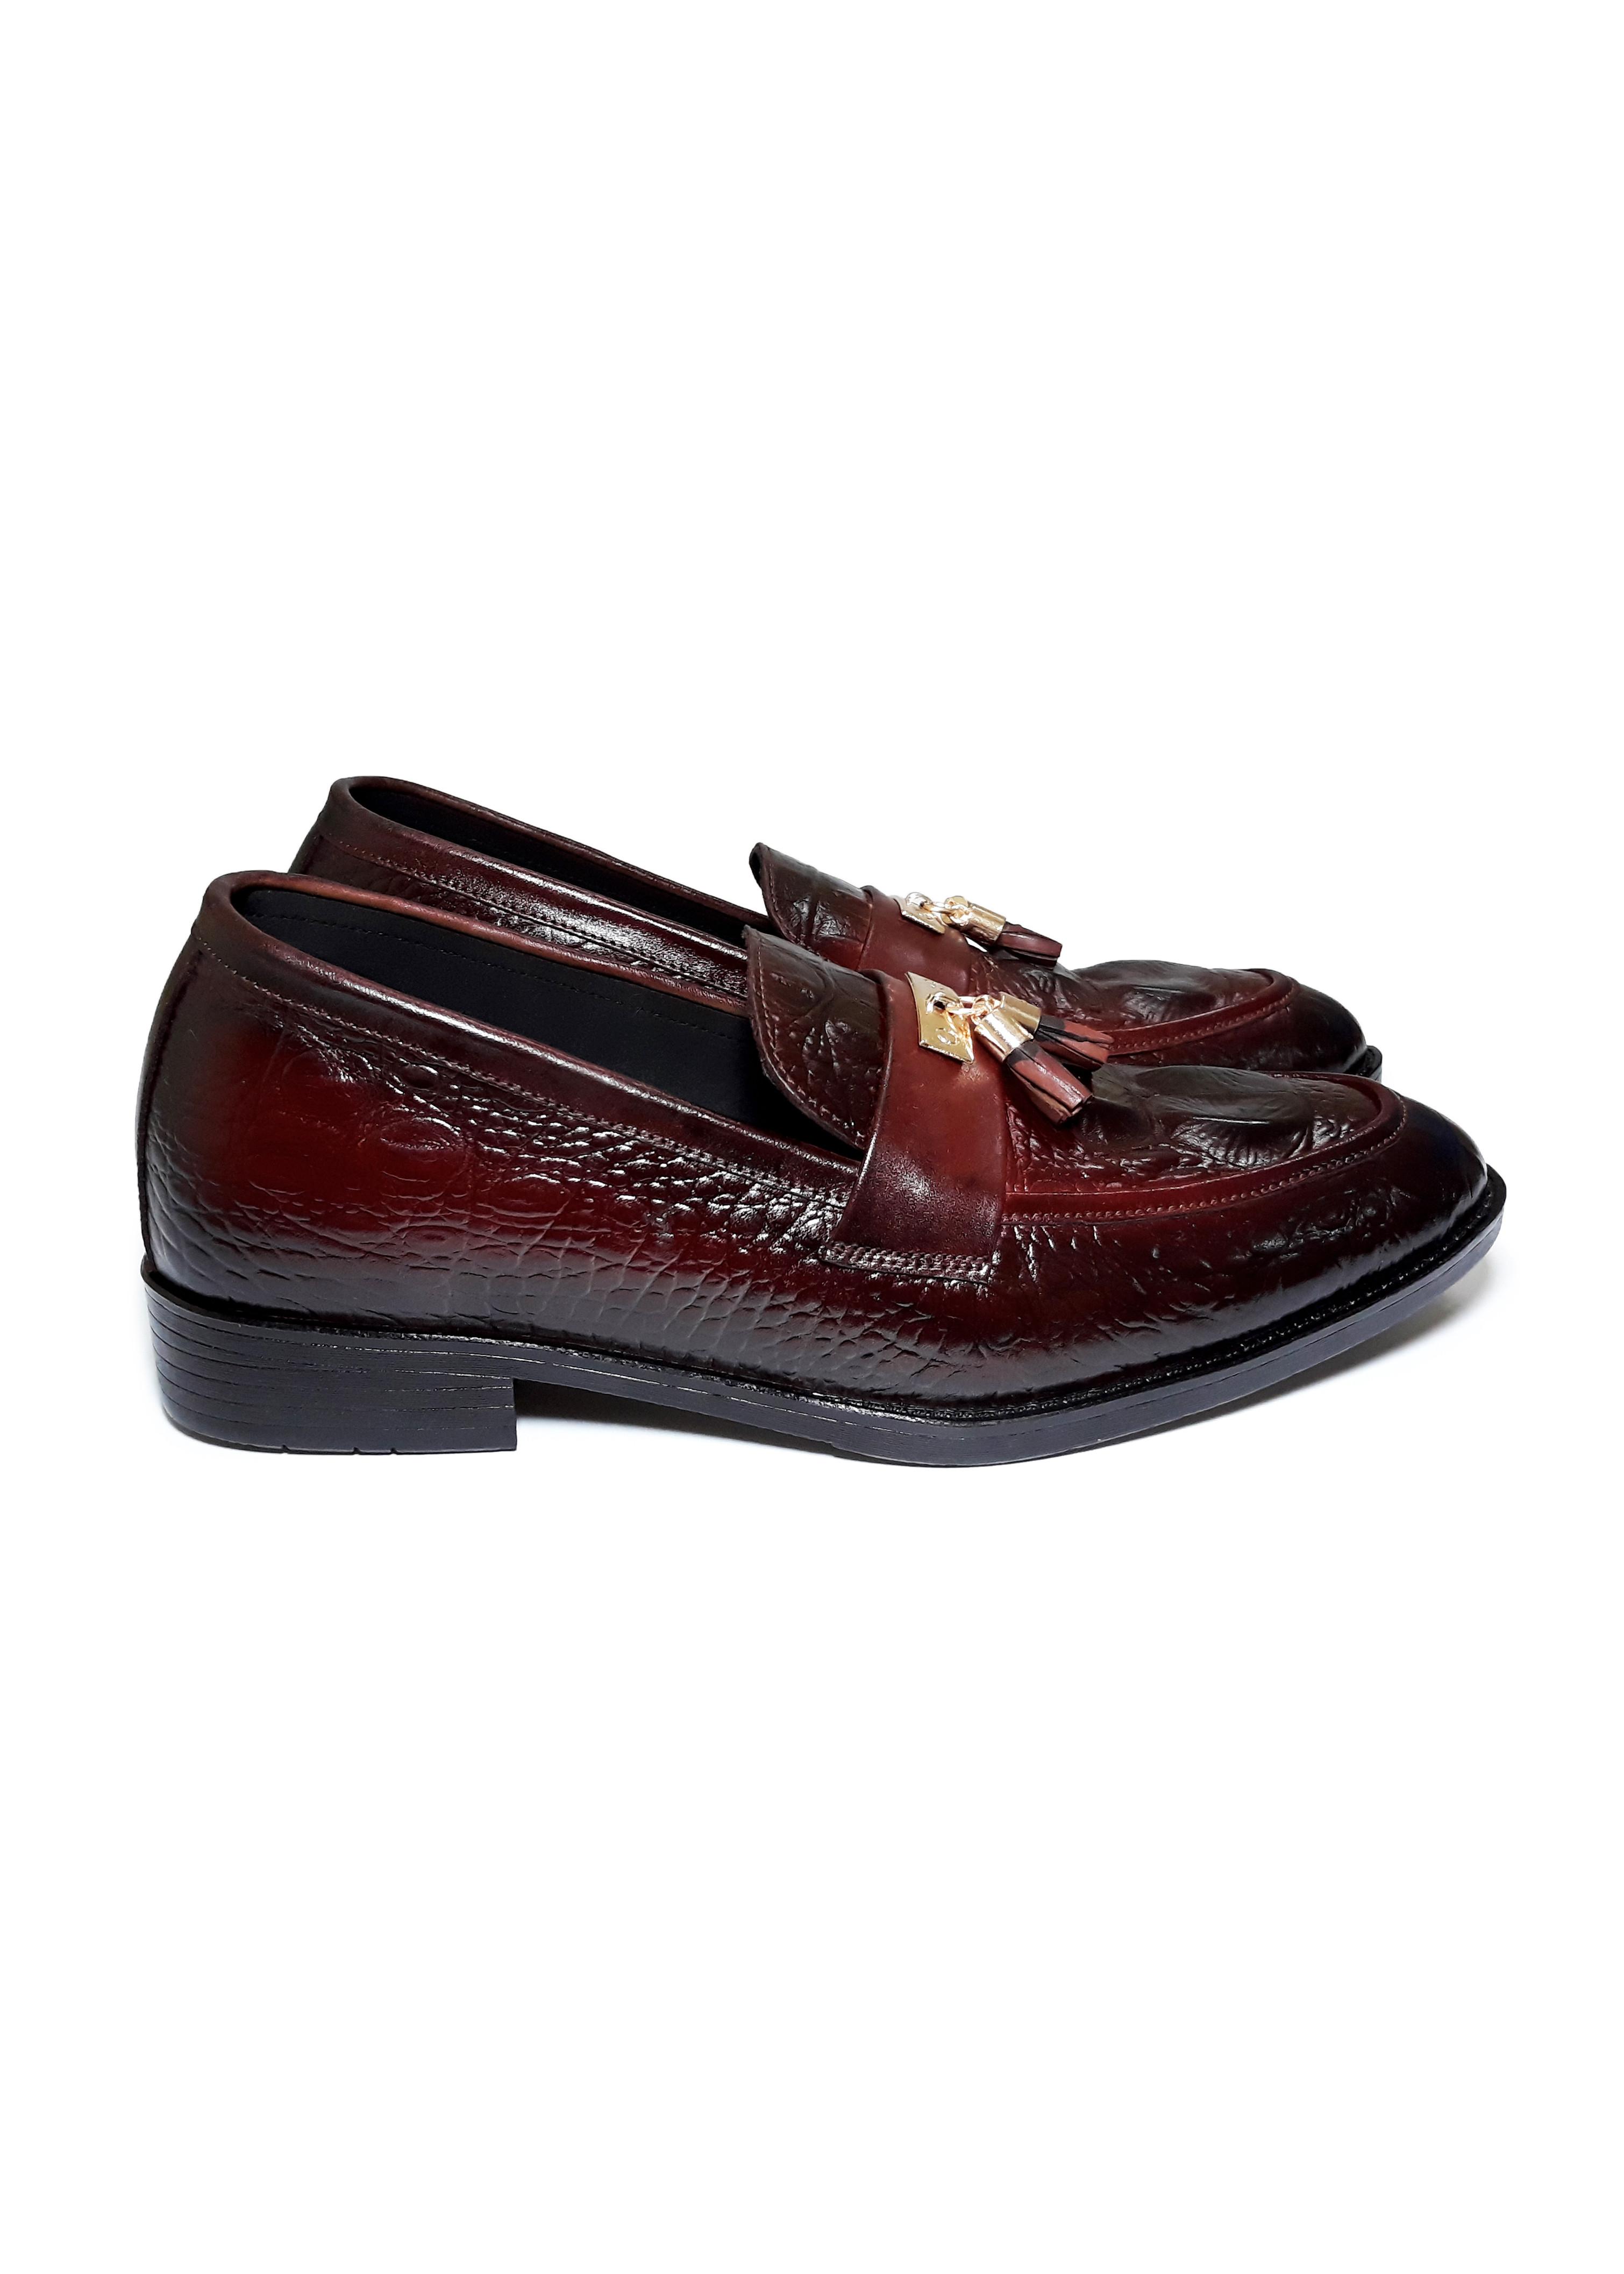 Giày Da Nam Cao Cấp Phong Cách Trẻ Trung Năng Động Lịch lãm, Giày Tây Nam HS23